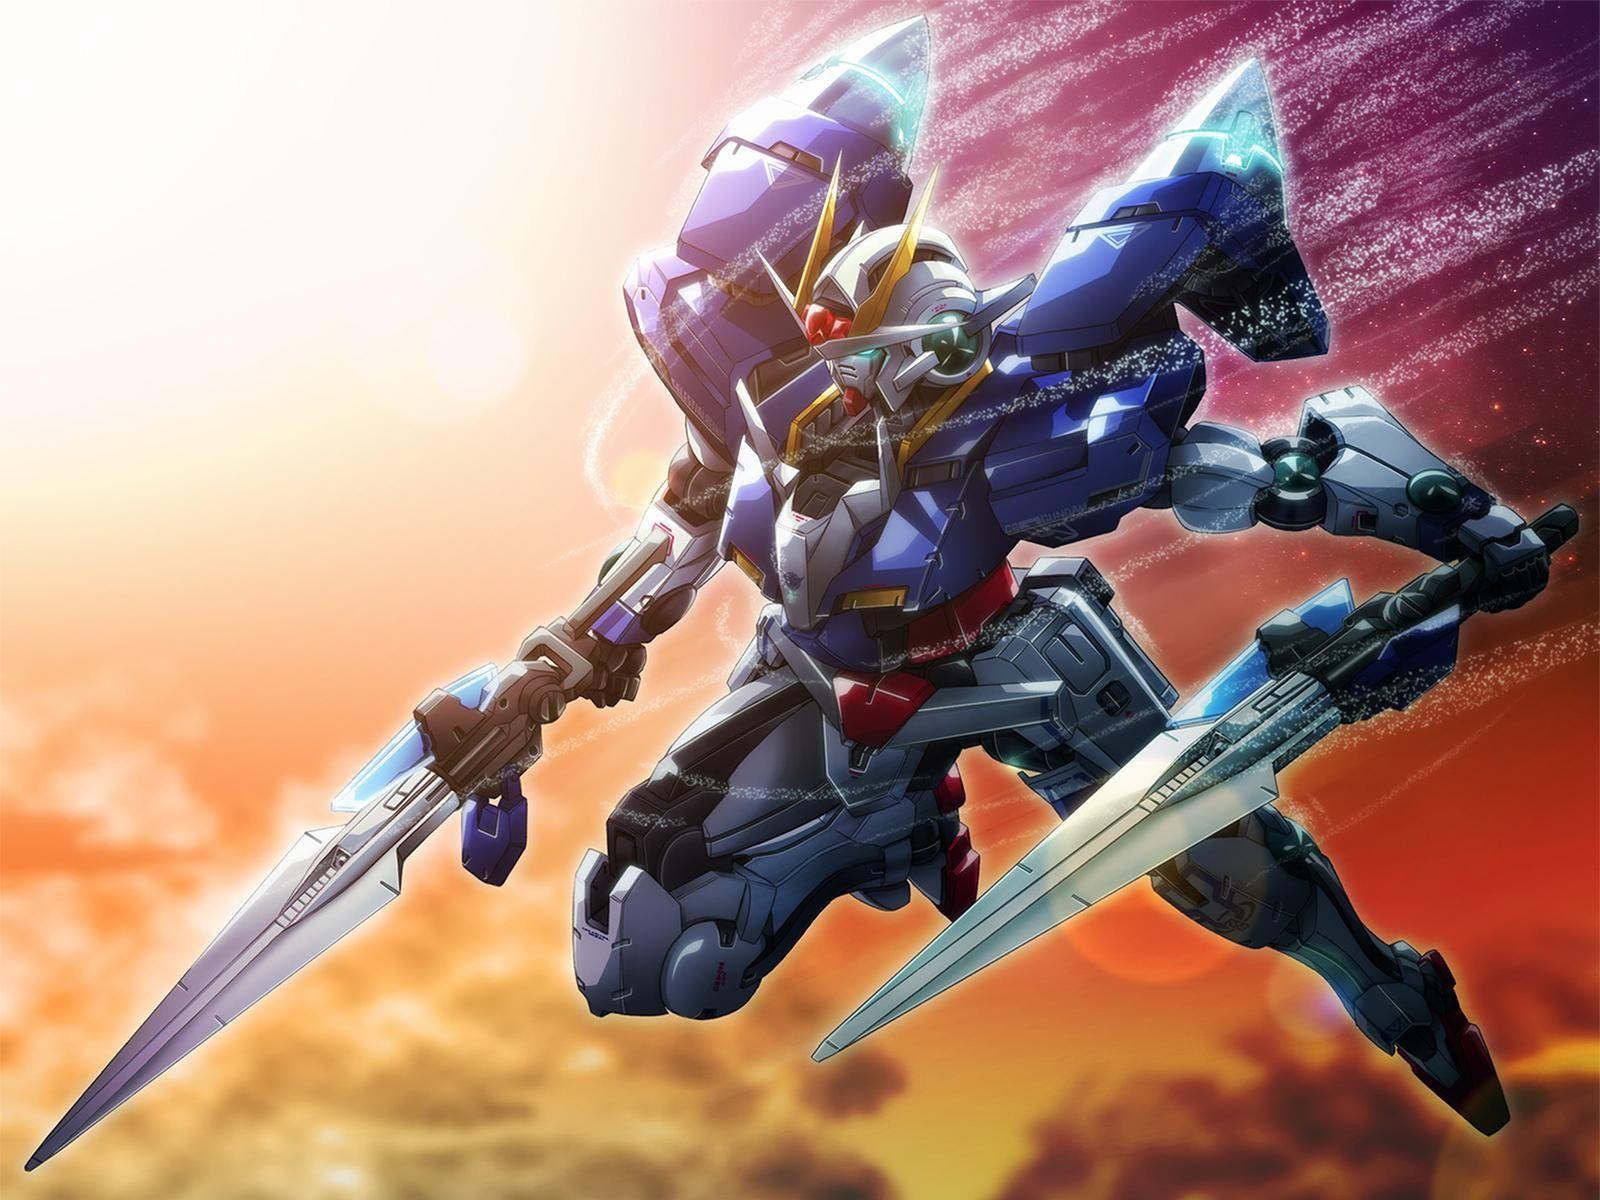 00 Gundam / Mobile Suit Gundam 00